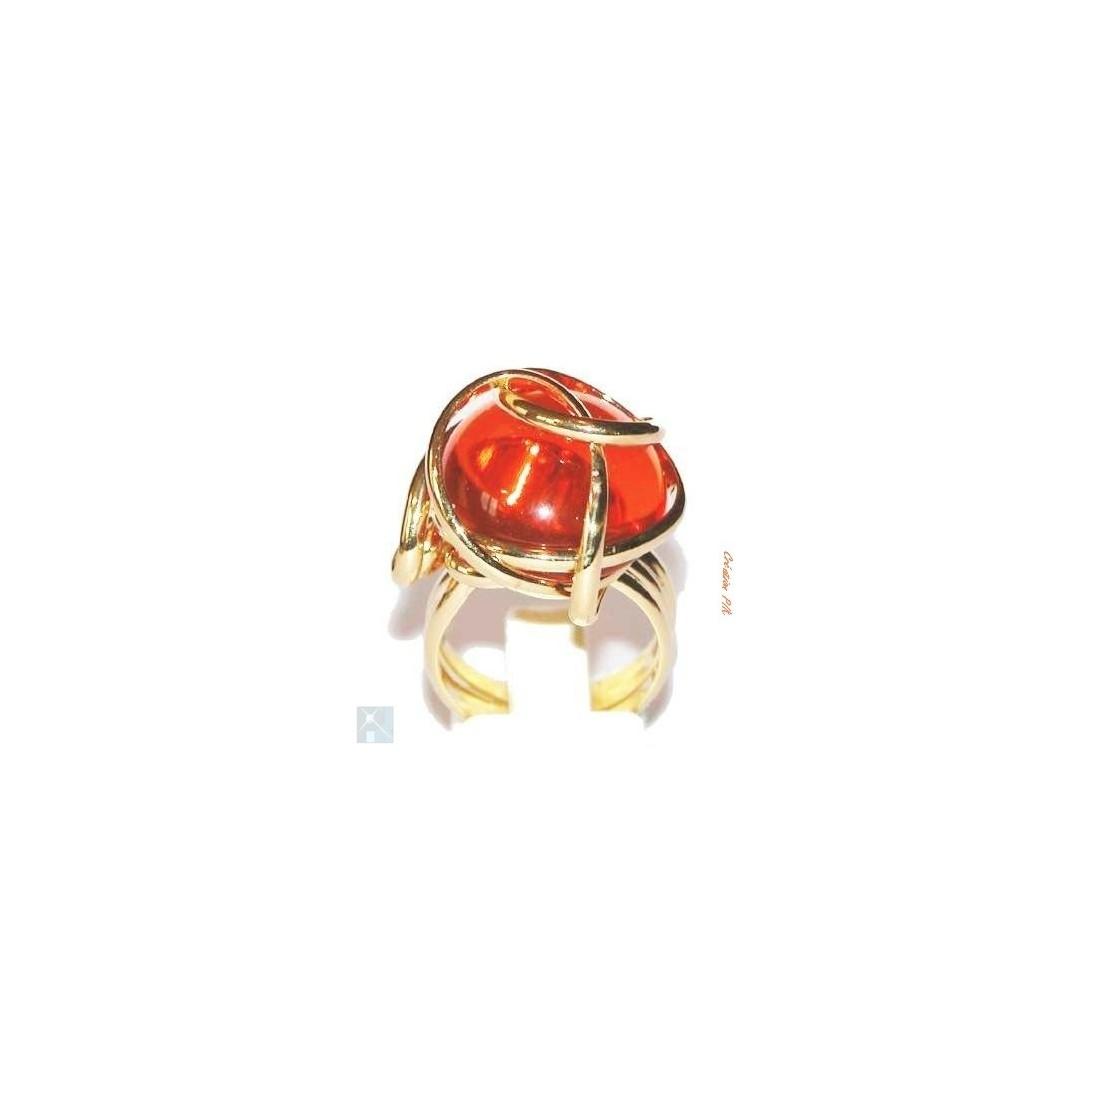 Coup de coeur pour cette bague en fils de laiton doré rehaussée d'un strass en verre teinté de couleur orange.